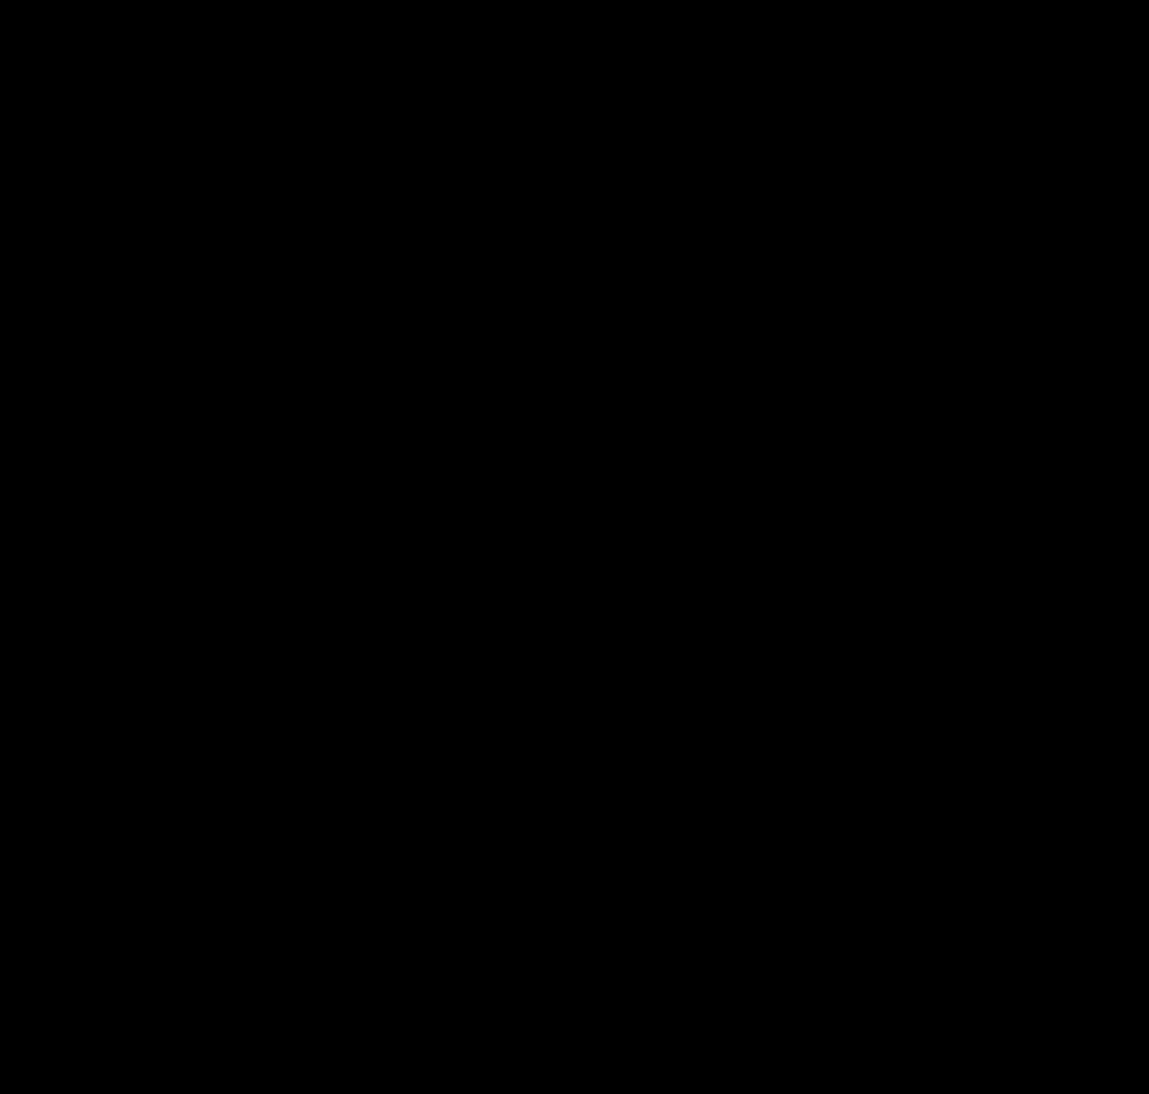 meso-Tetraphenylporphine